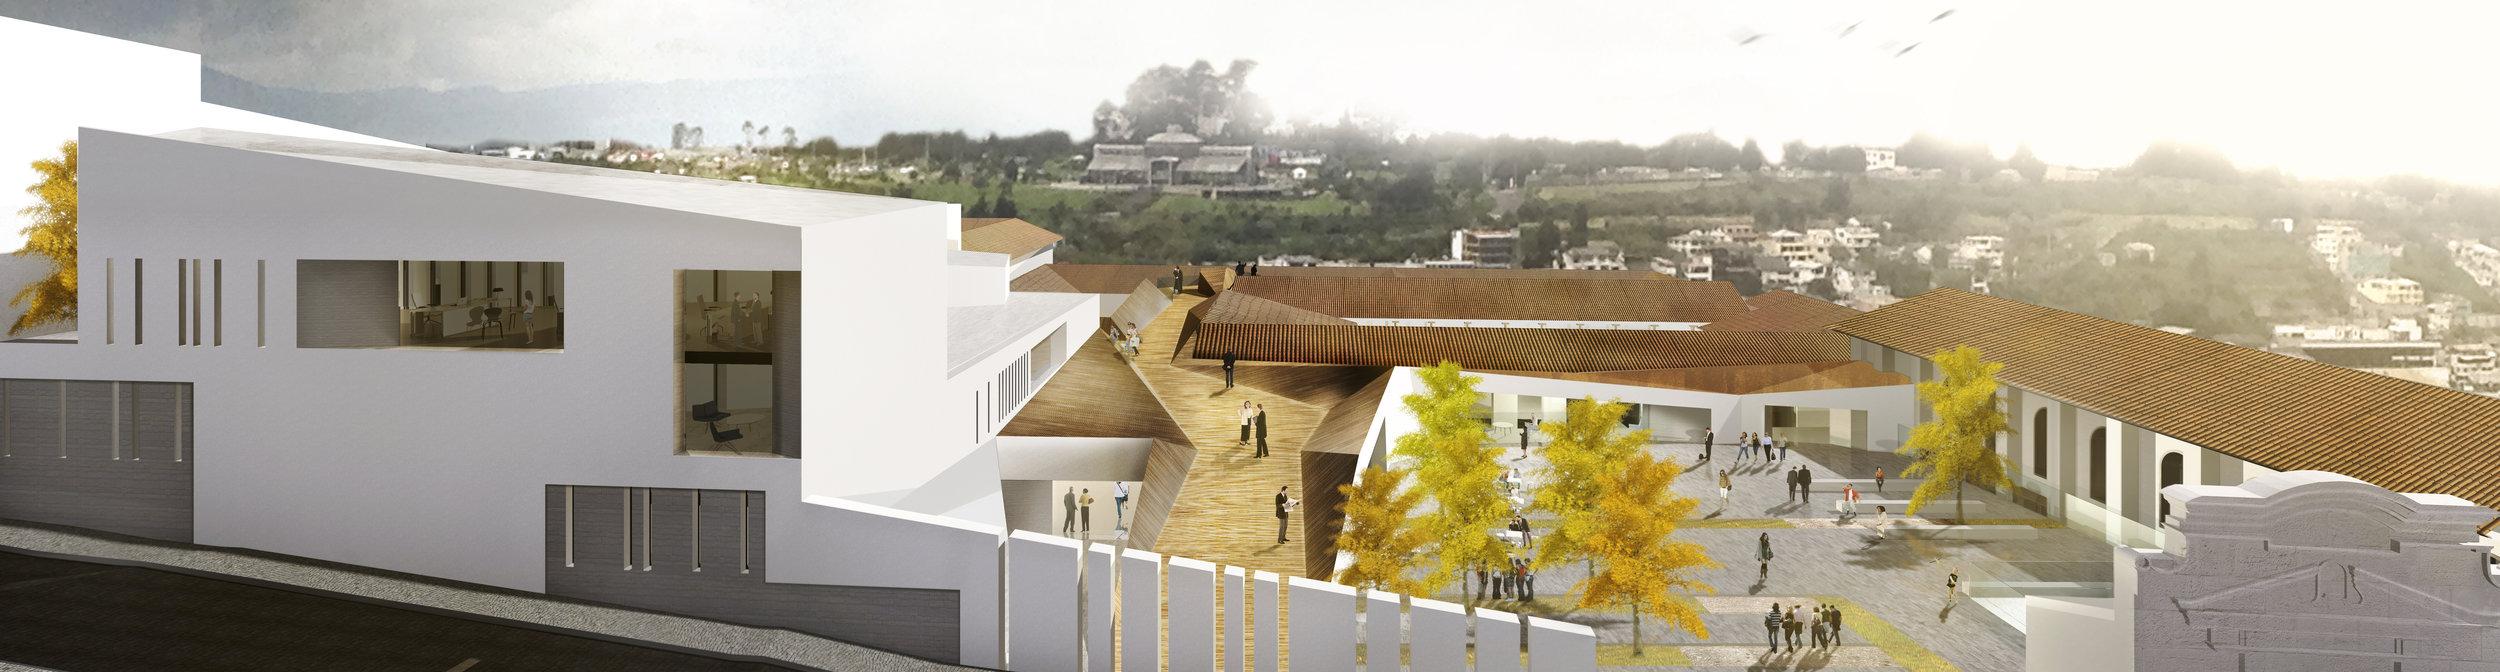 Edificio para la sede de la ONU. Quito, Ecuador.